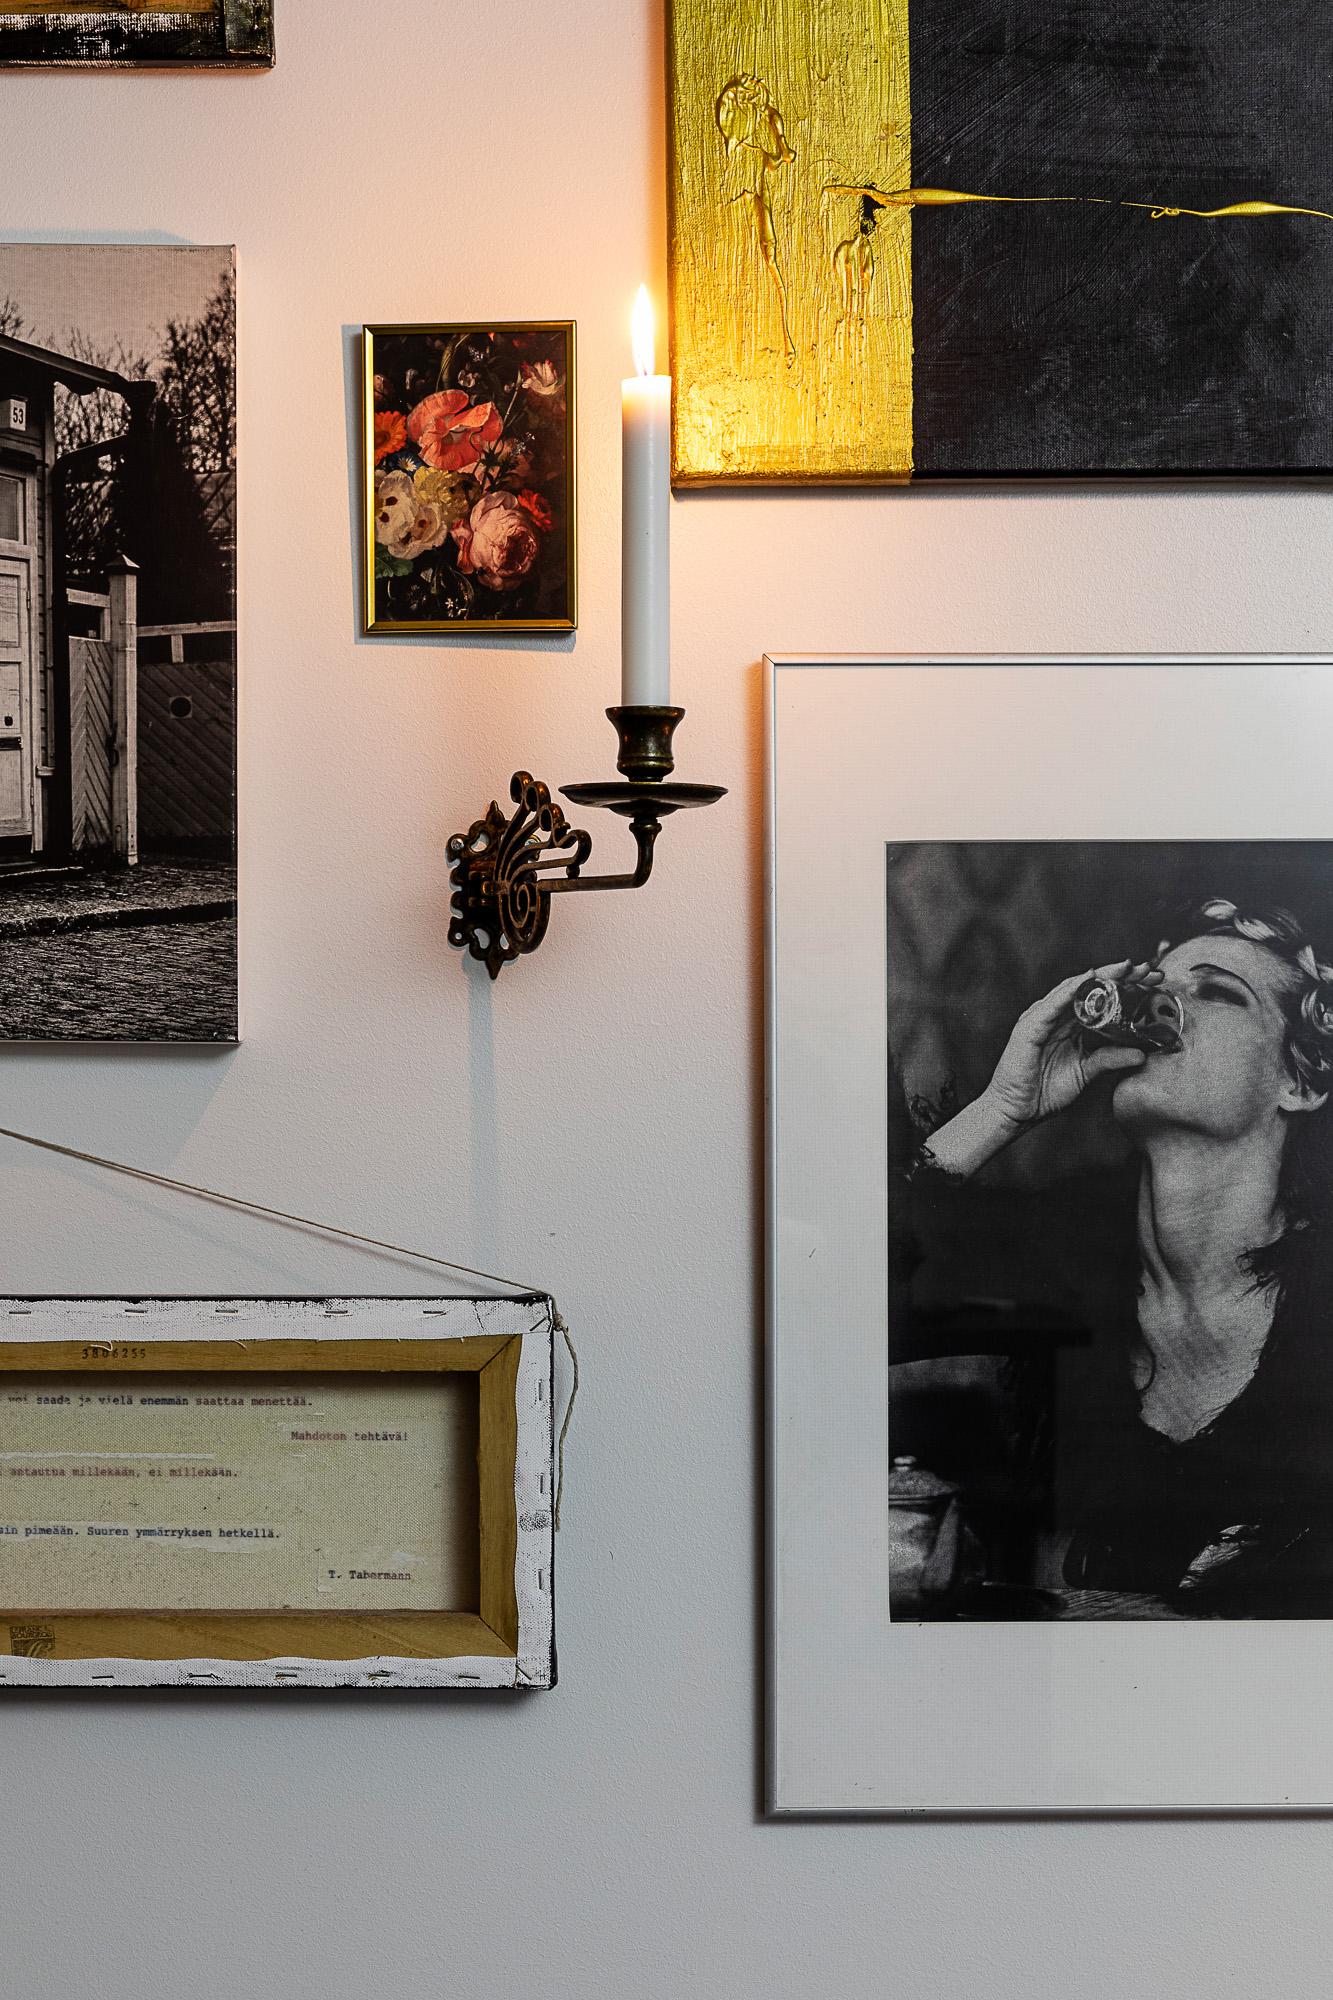 Blomus, Textilkompani, olohuone, livingroom, sisustus, sisustaminen, interiordesign, scandinavian home, valokuvaaja, Frida Steiner, Visualaddict, sisustusinspiraatio